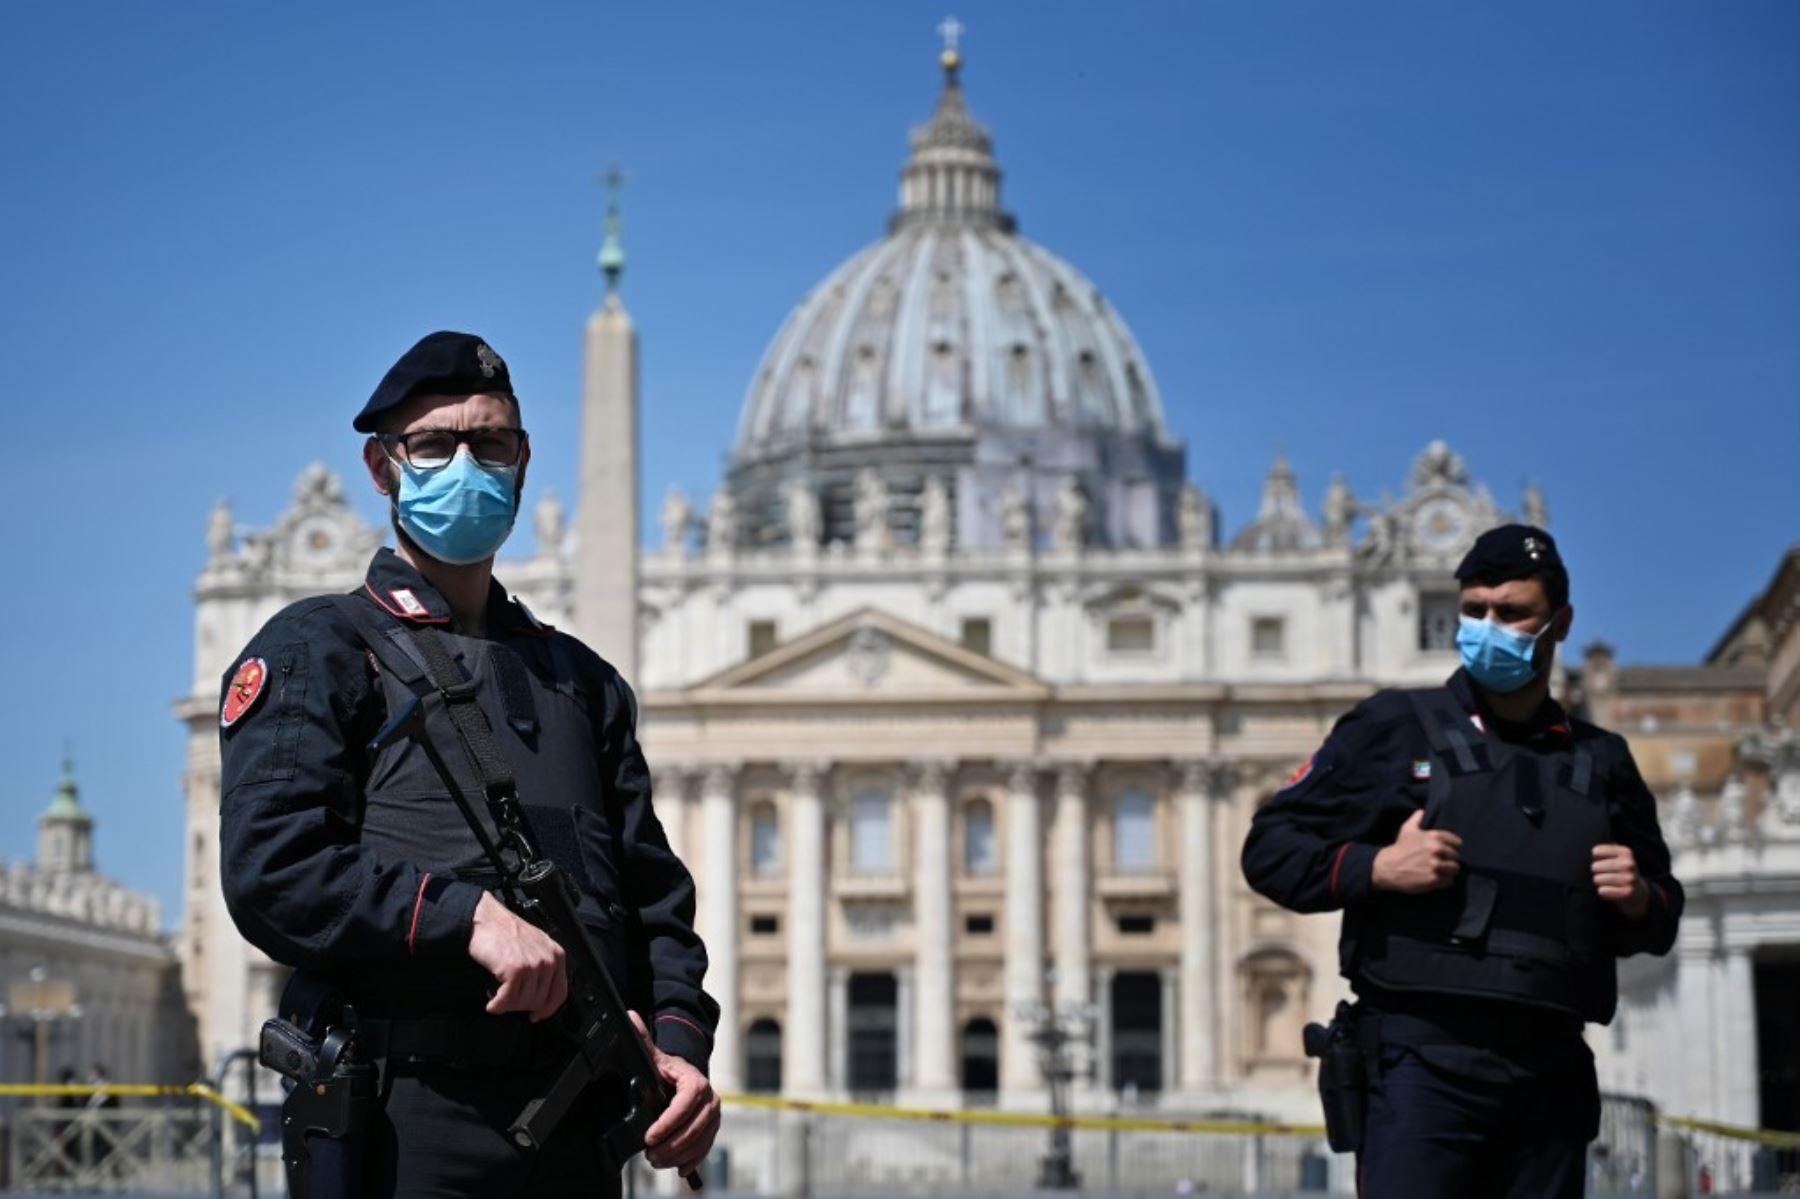 Los policías italianos controlan alrededores de la Plaza San Pedro antes que el Papa Francisco transmitiera la oración del Ángelus desde el Vaticano. Foto: AFP